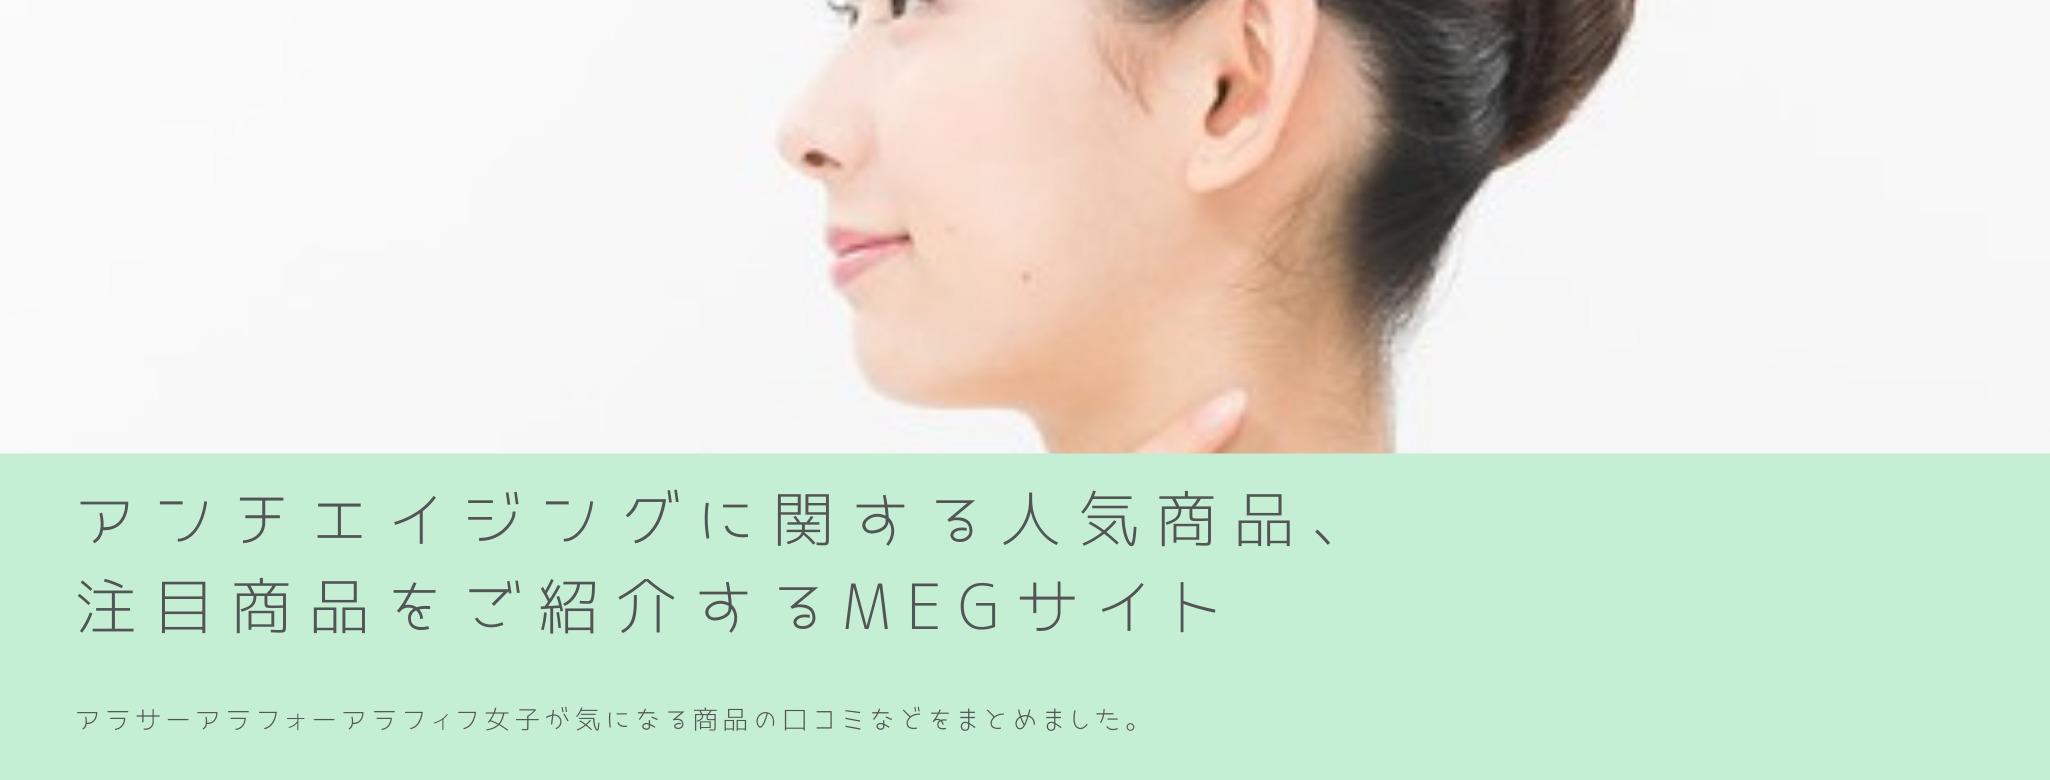 女性の気になる商品、人気アイテムを紹介するMEGサイト